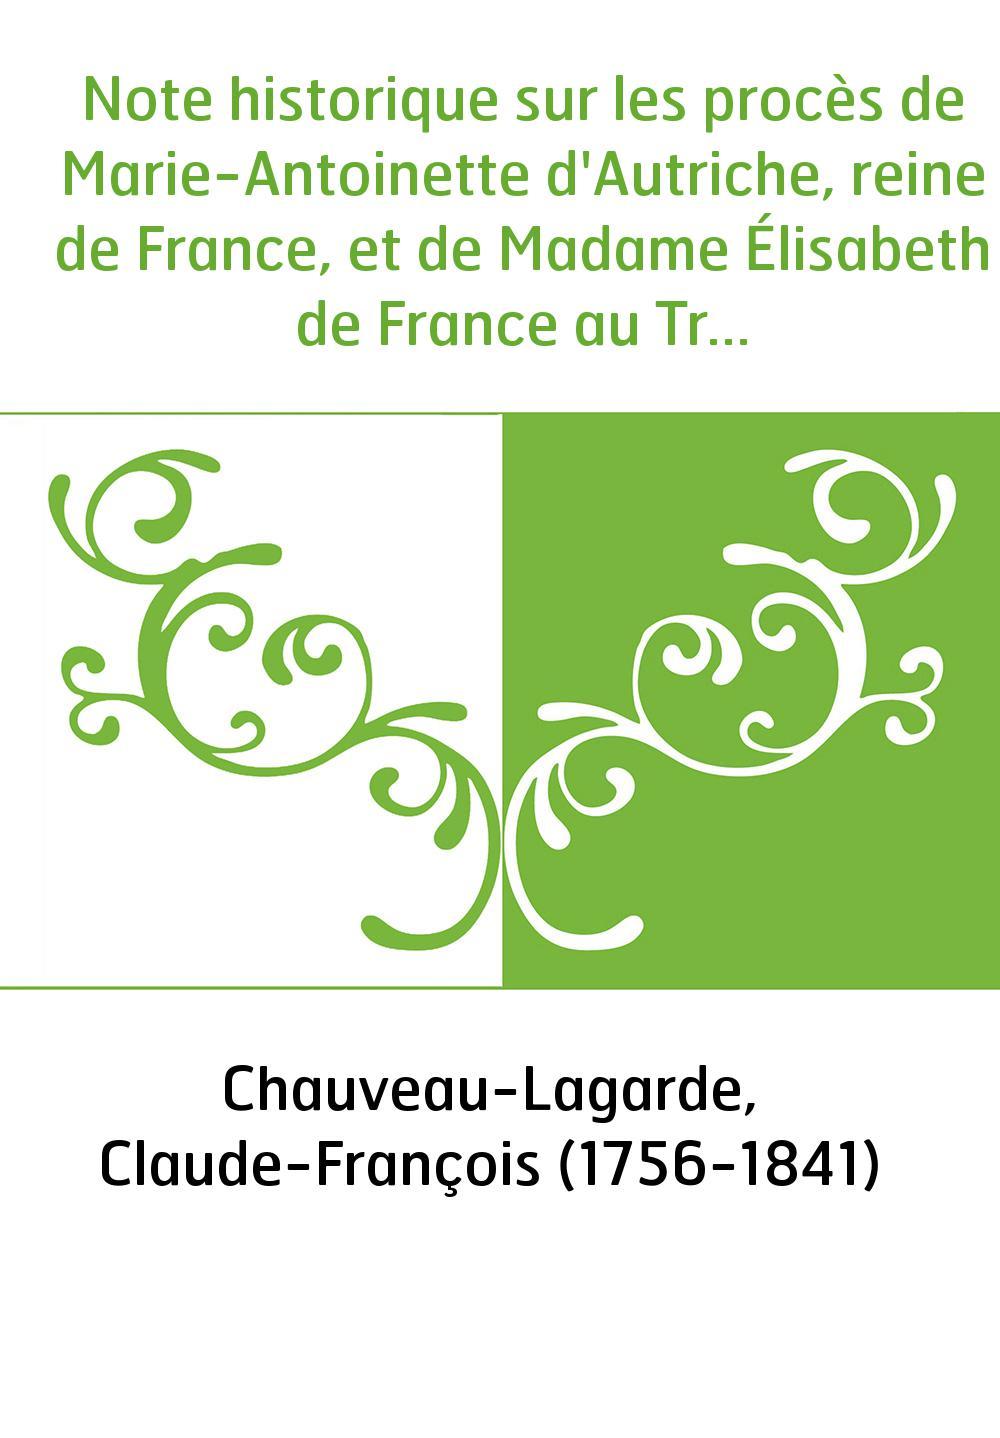 Note historique sur les procès de Marie-Antoinette d'Autriche, reine de France, et de Madame Élisabeth de France au Tribunal rév